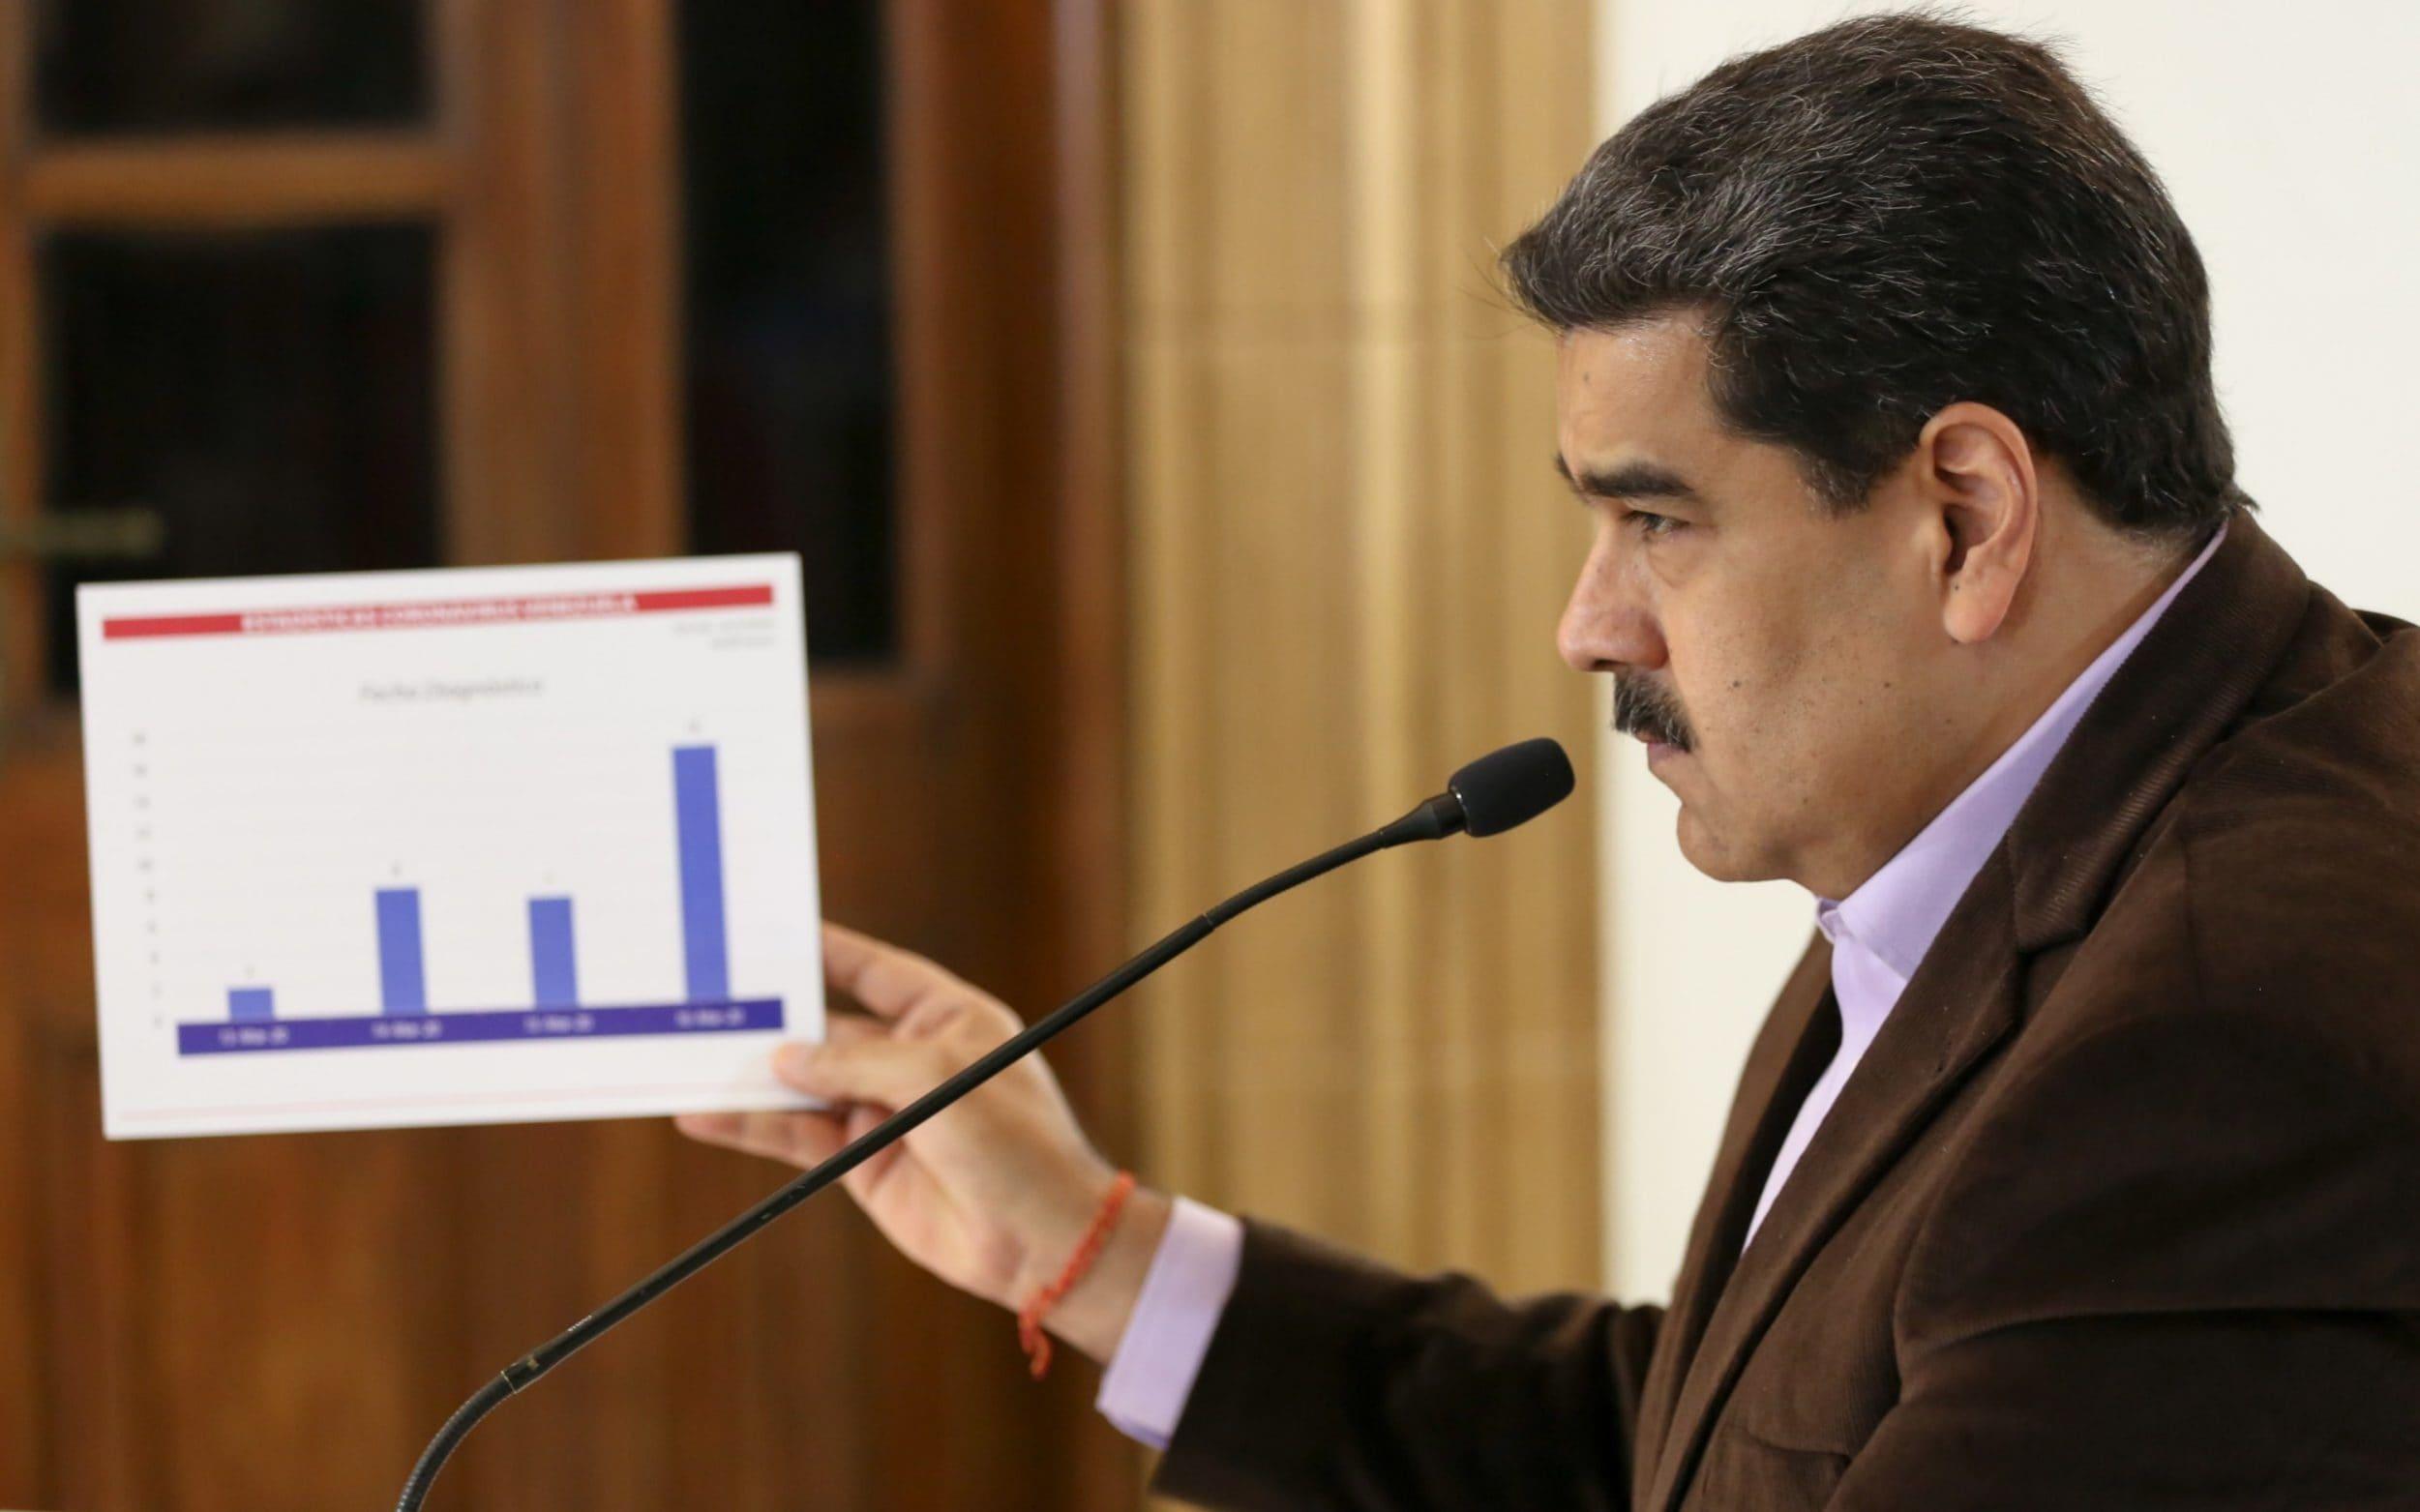 IMF denies Venezuela emergency aid to help fight coronavirus